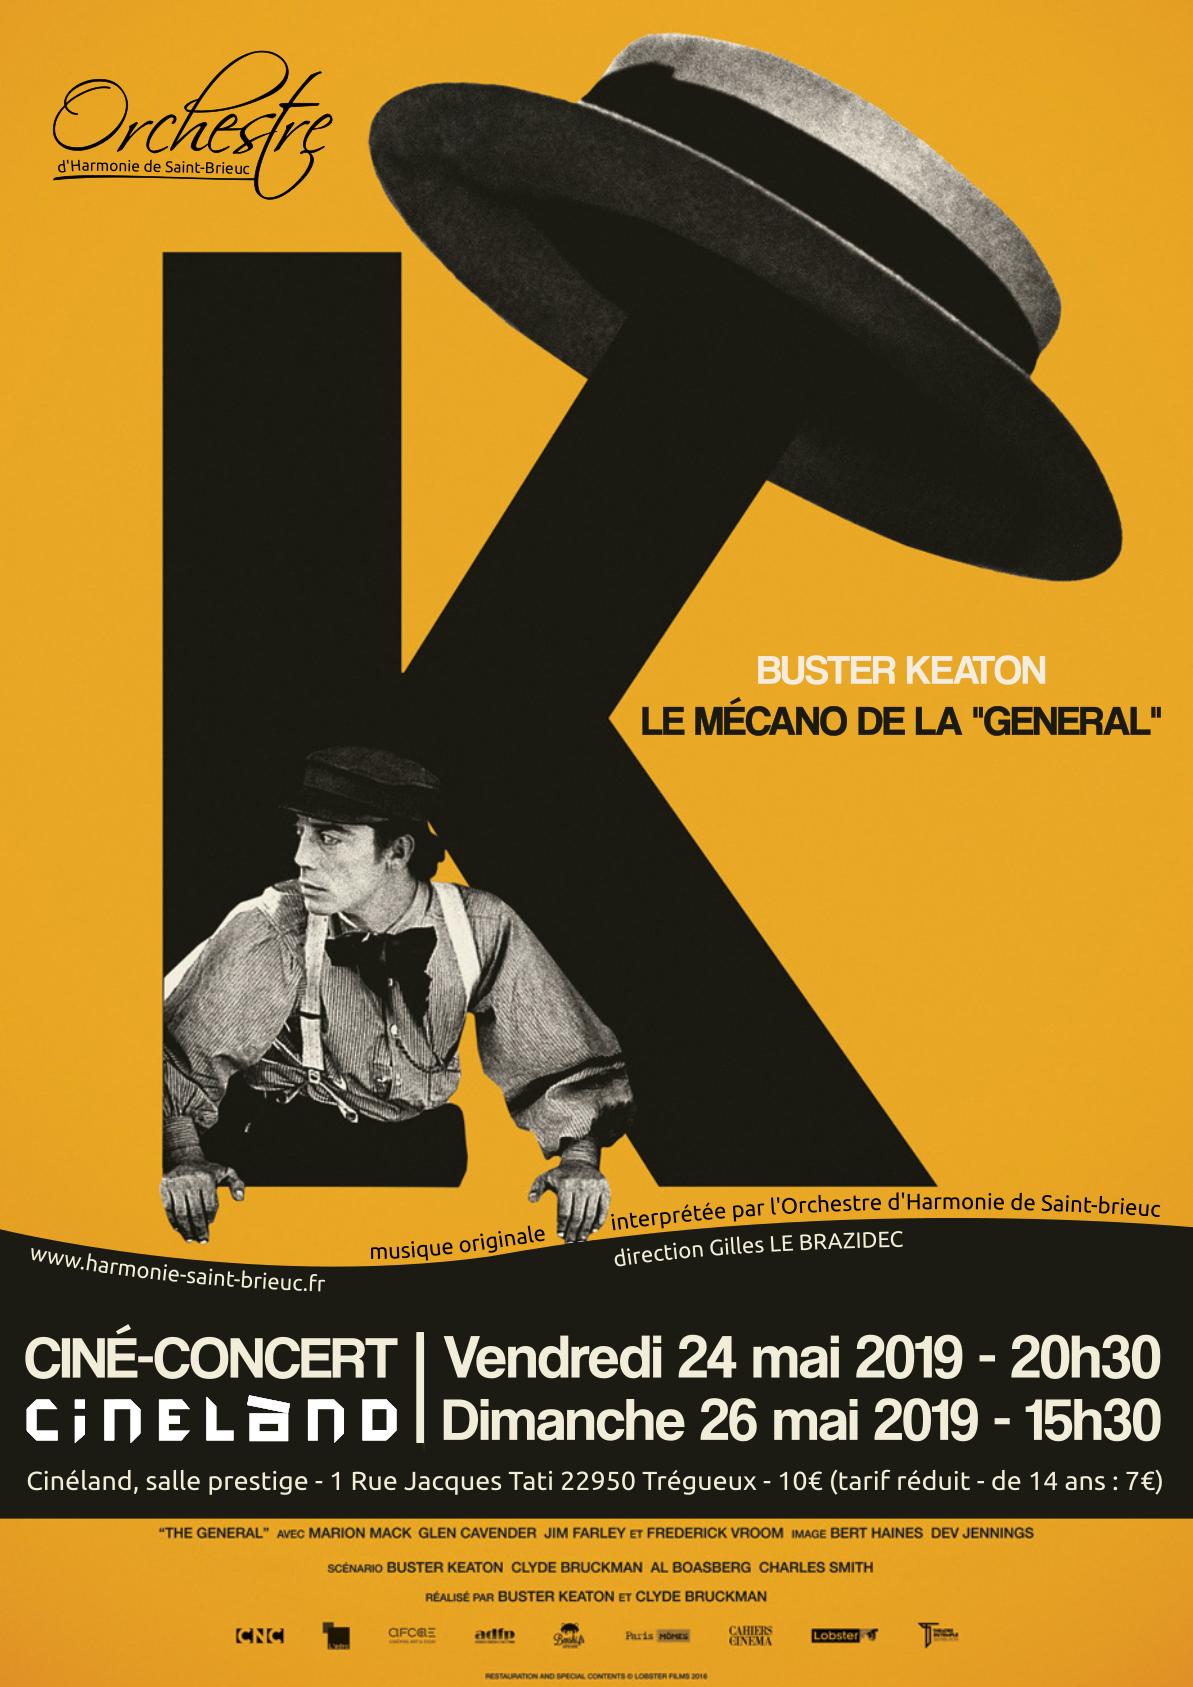 Affiche ciné-concert Le mecano de la General orchestre d'harmonie de Saint-Brieuc 2019